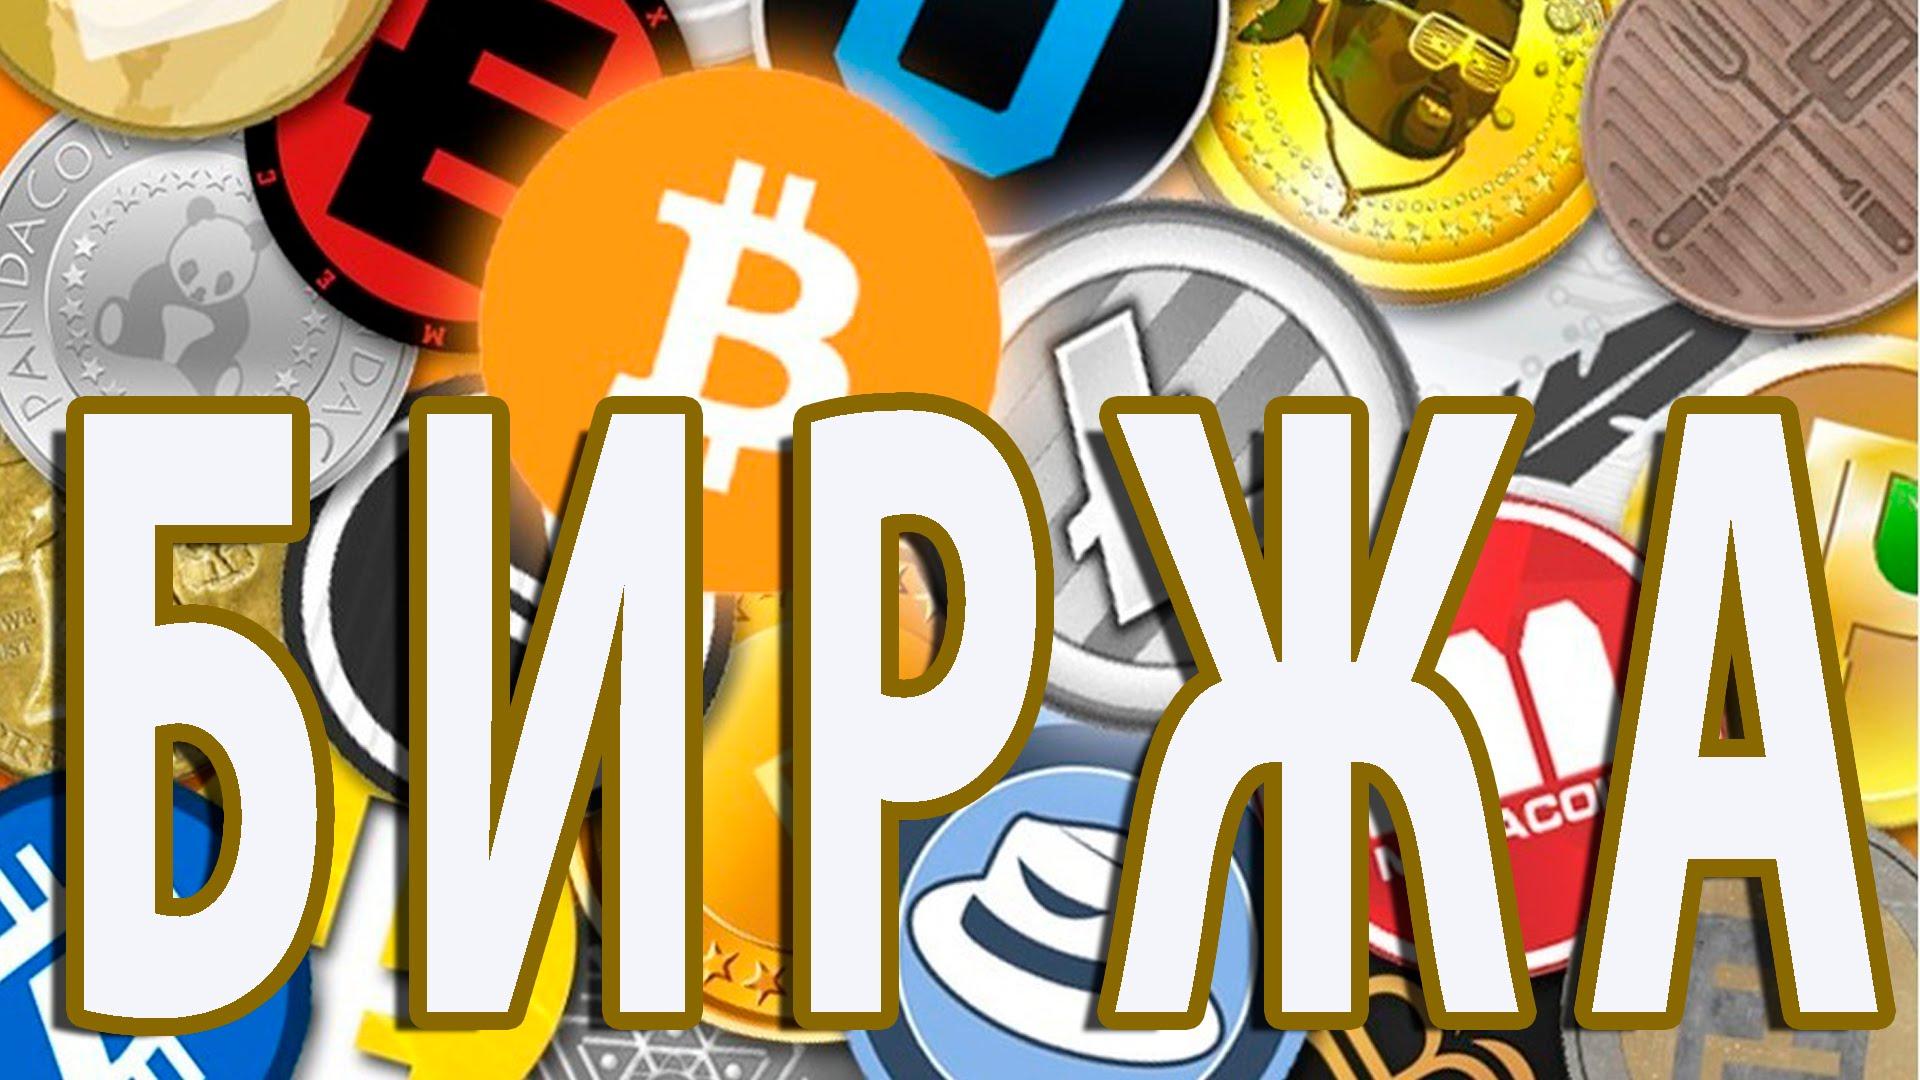 Создание биржи криптовалют лучшие приложения для торговли на бирже